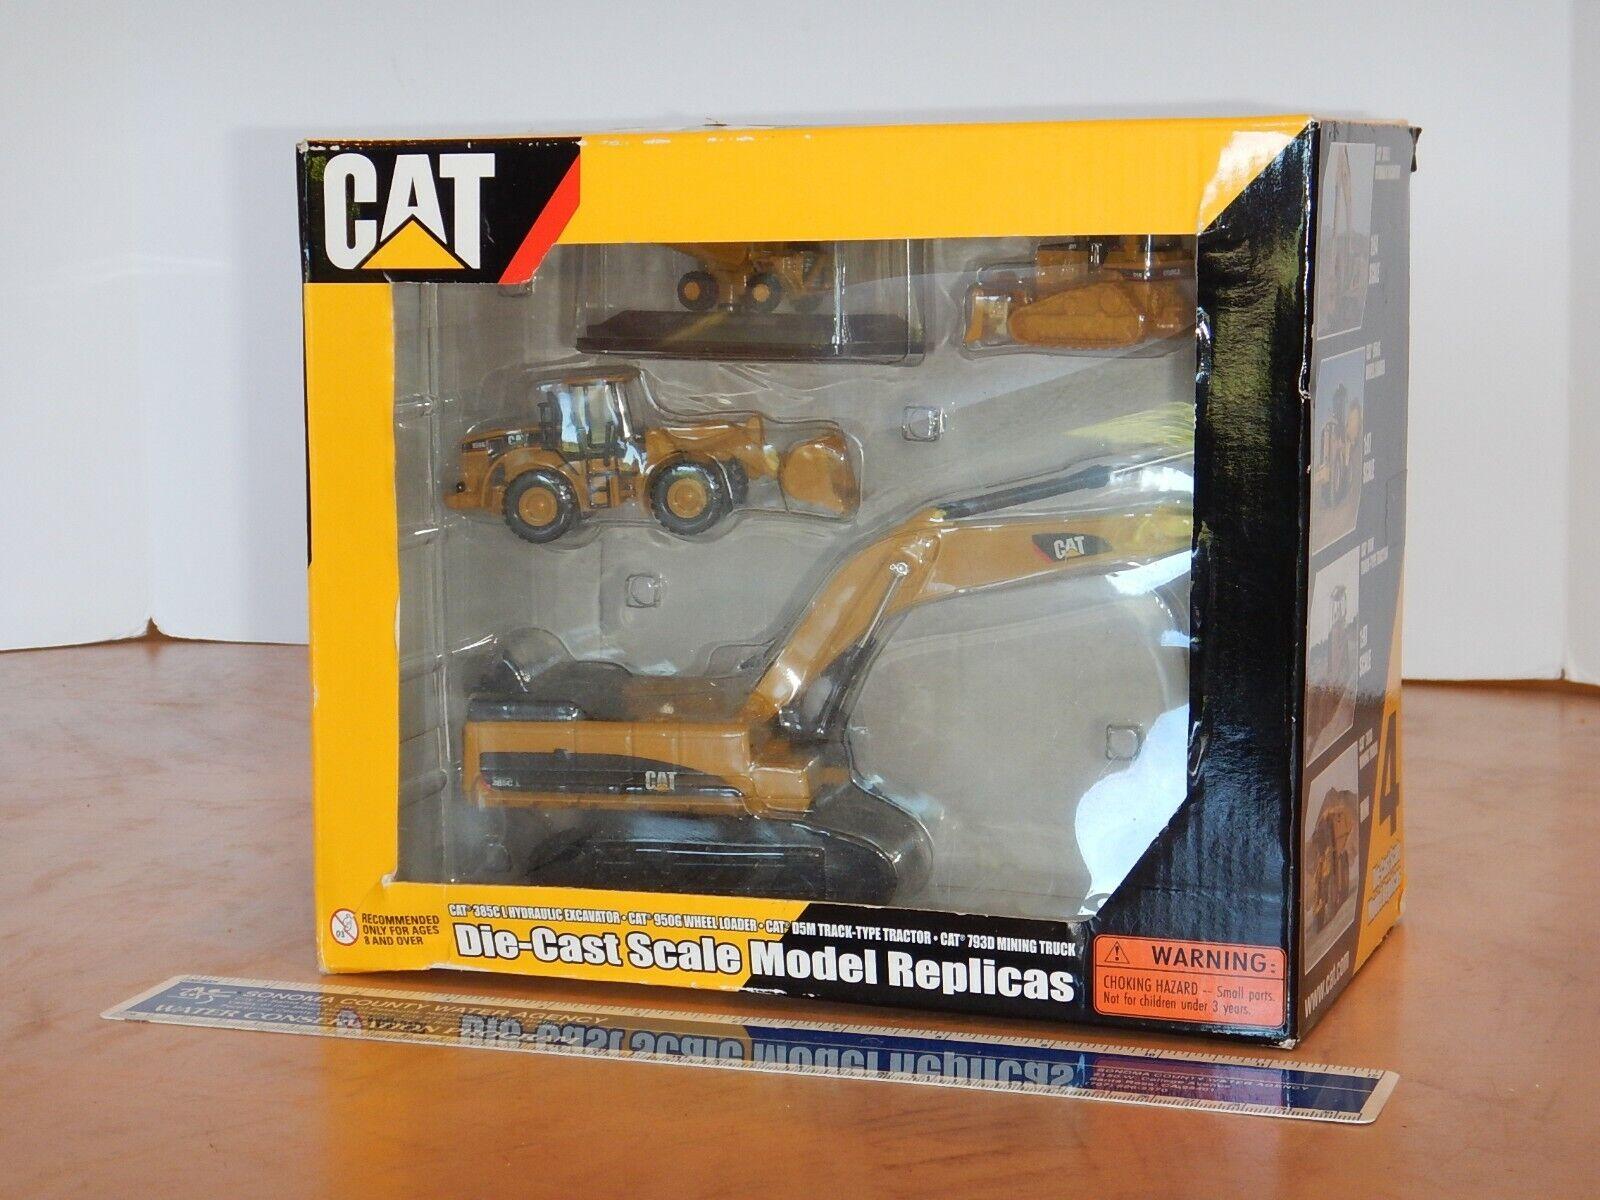 2009 NORSCOT 4 DIE-CAST SCALE MODEL REPLICAS CONSTRUCTION TOY SET, NOS